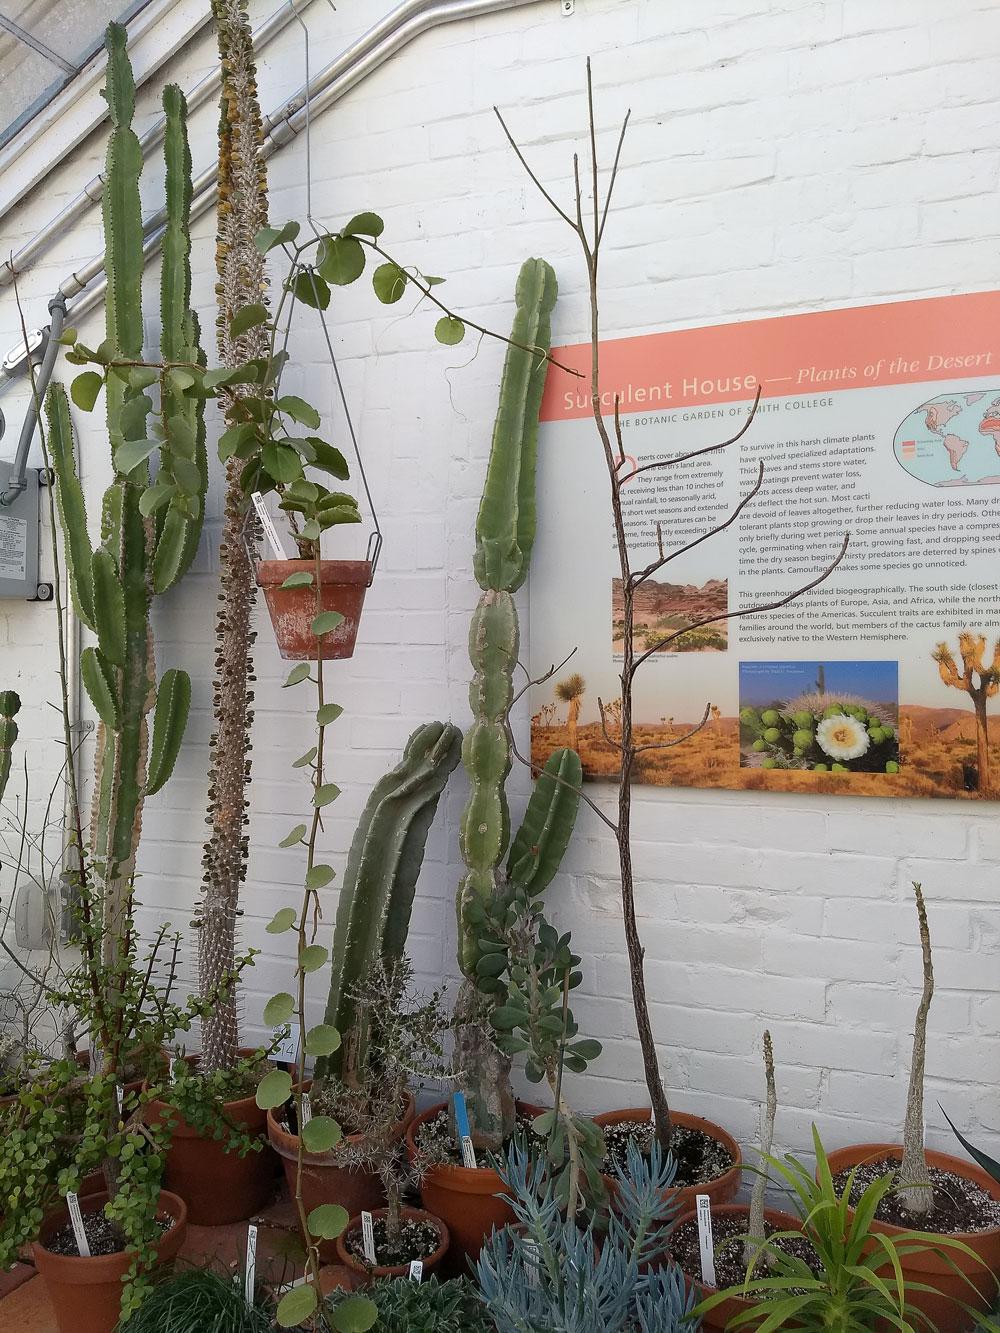 Succulent House plants showing convergent evolution